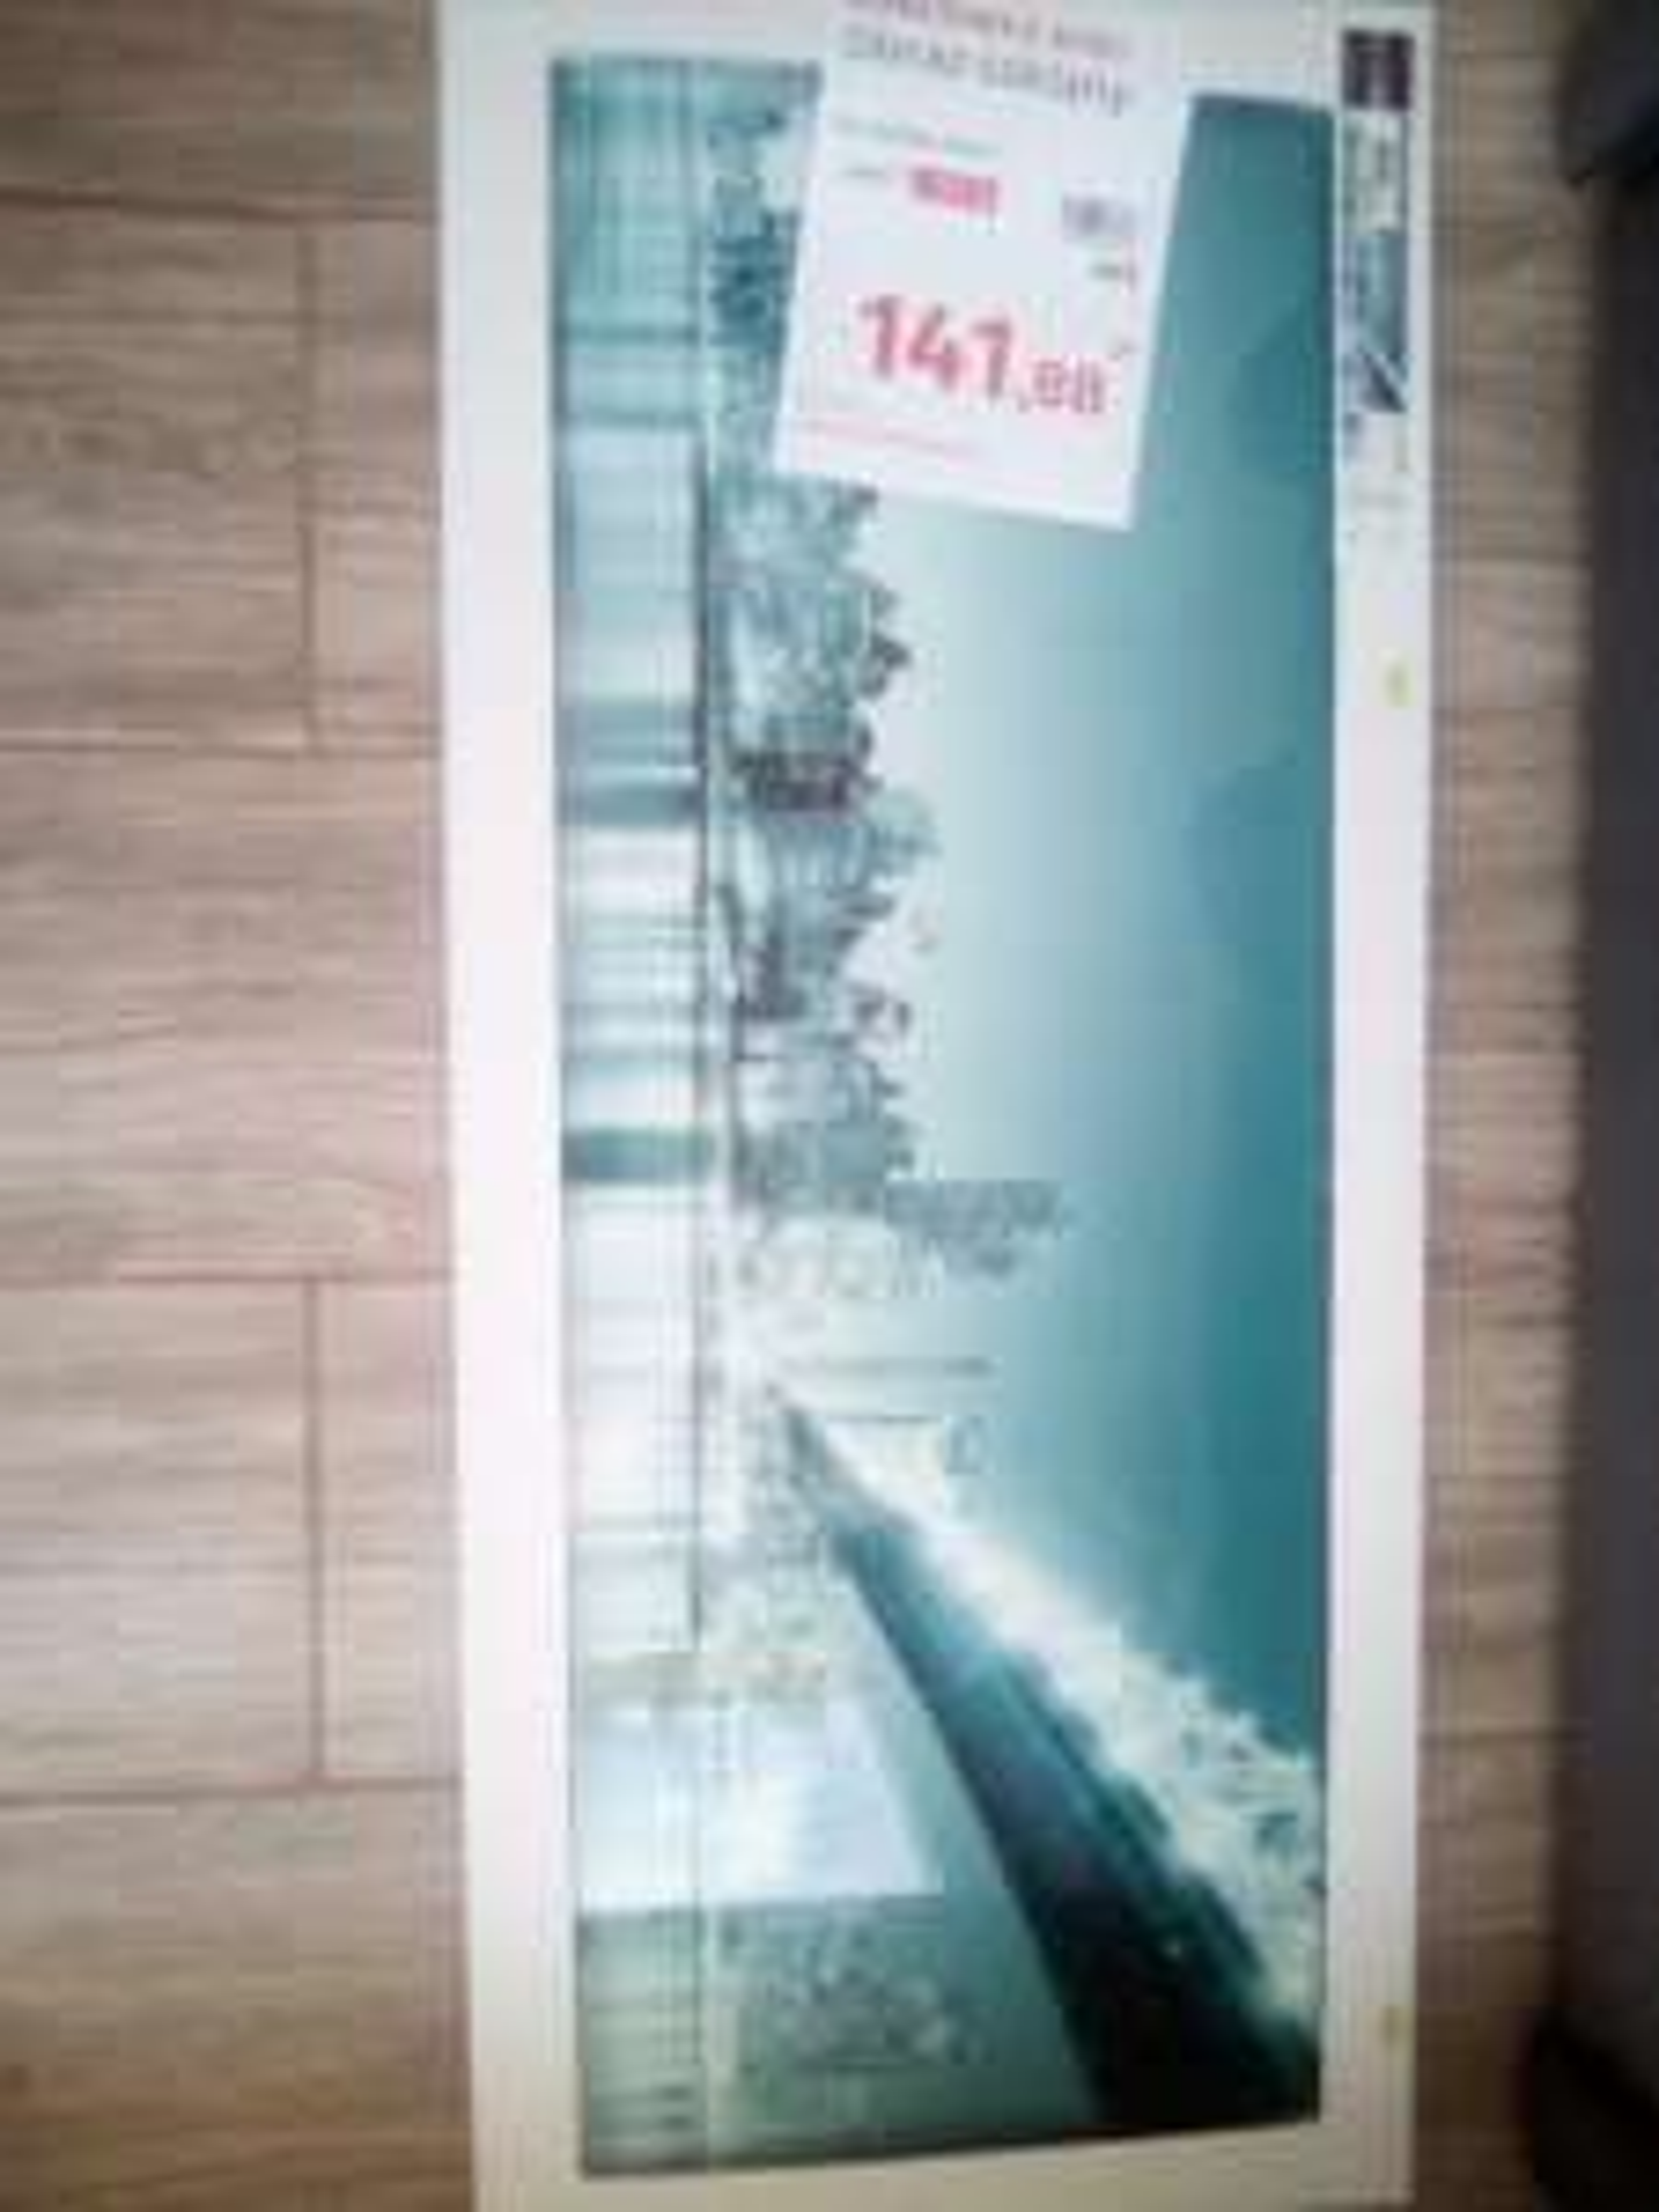 Obraz szklany